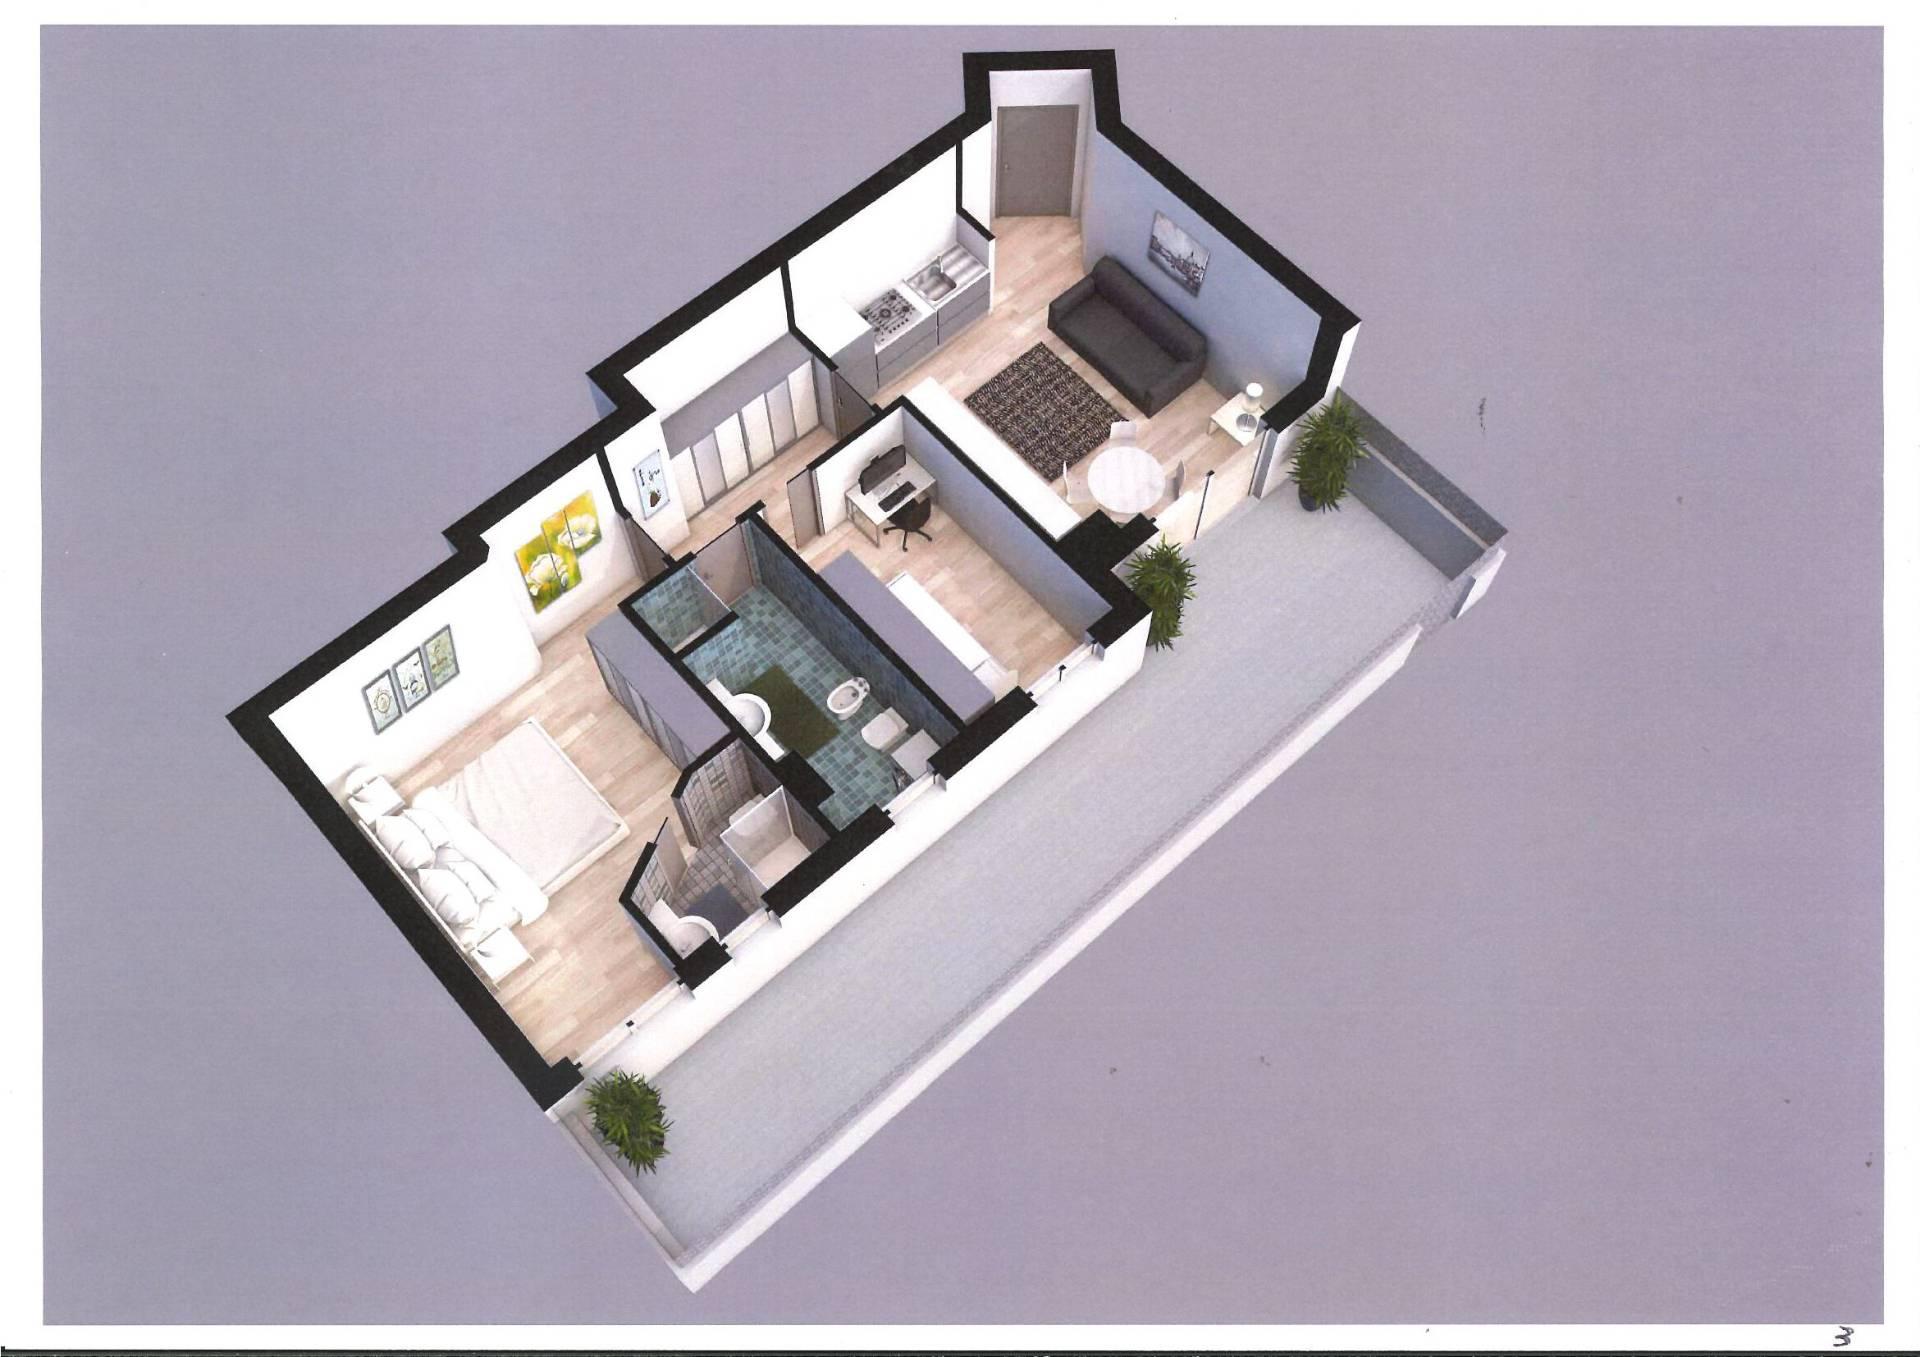 Appartamento in vendita a Alba Adriatica, 3 locali, zona Località: residenziale, prezzo € 165.000 | PortaleAgenzieImmobiliari.it